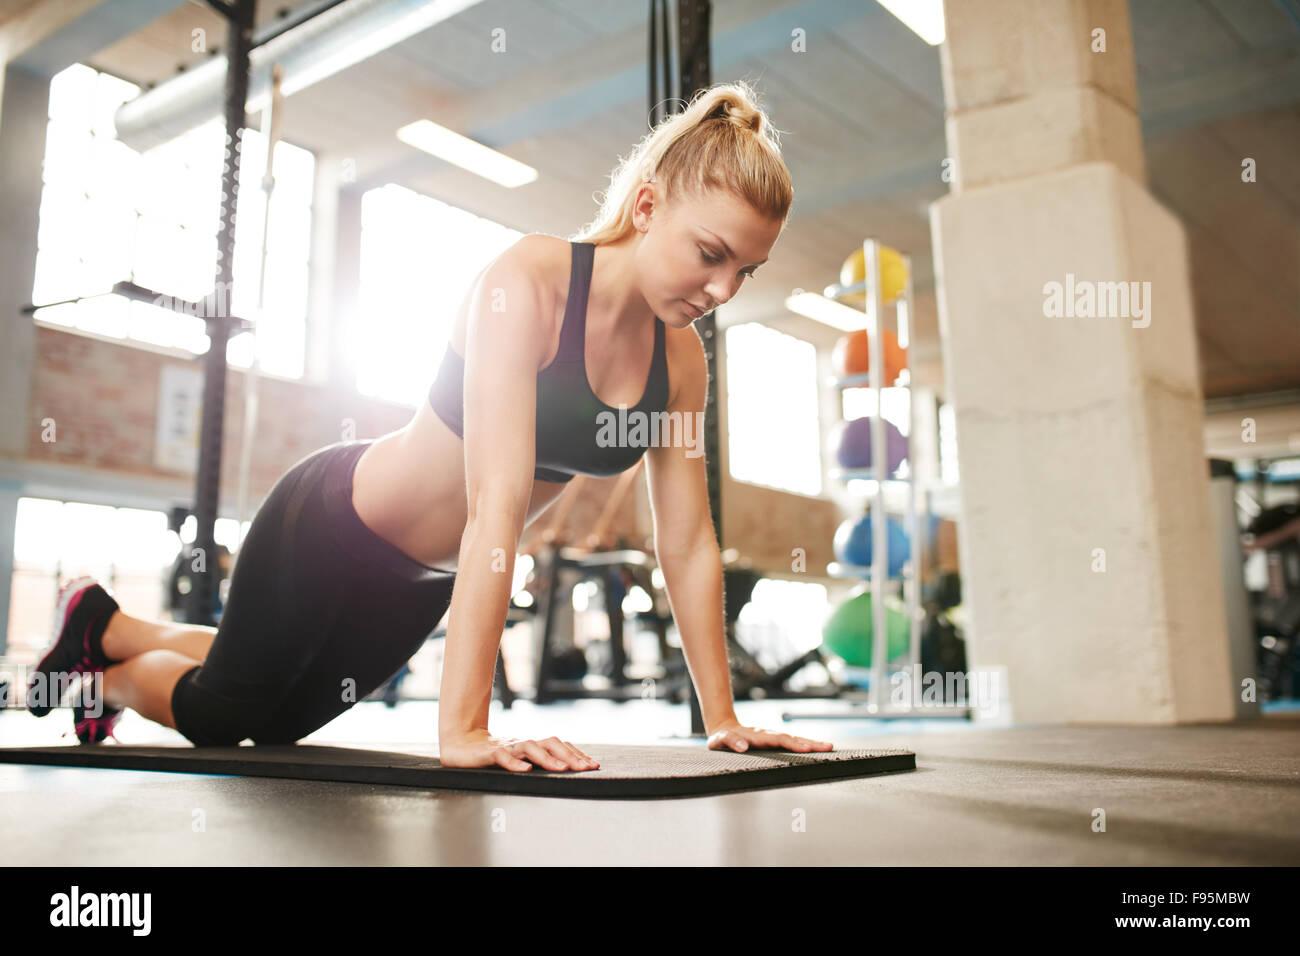 Attraente giovane femmina facendo spingere ups su esercizio mat. Donna Fitness allenarsi in palestra. Immagini Stock